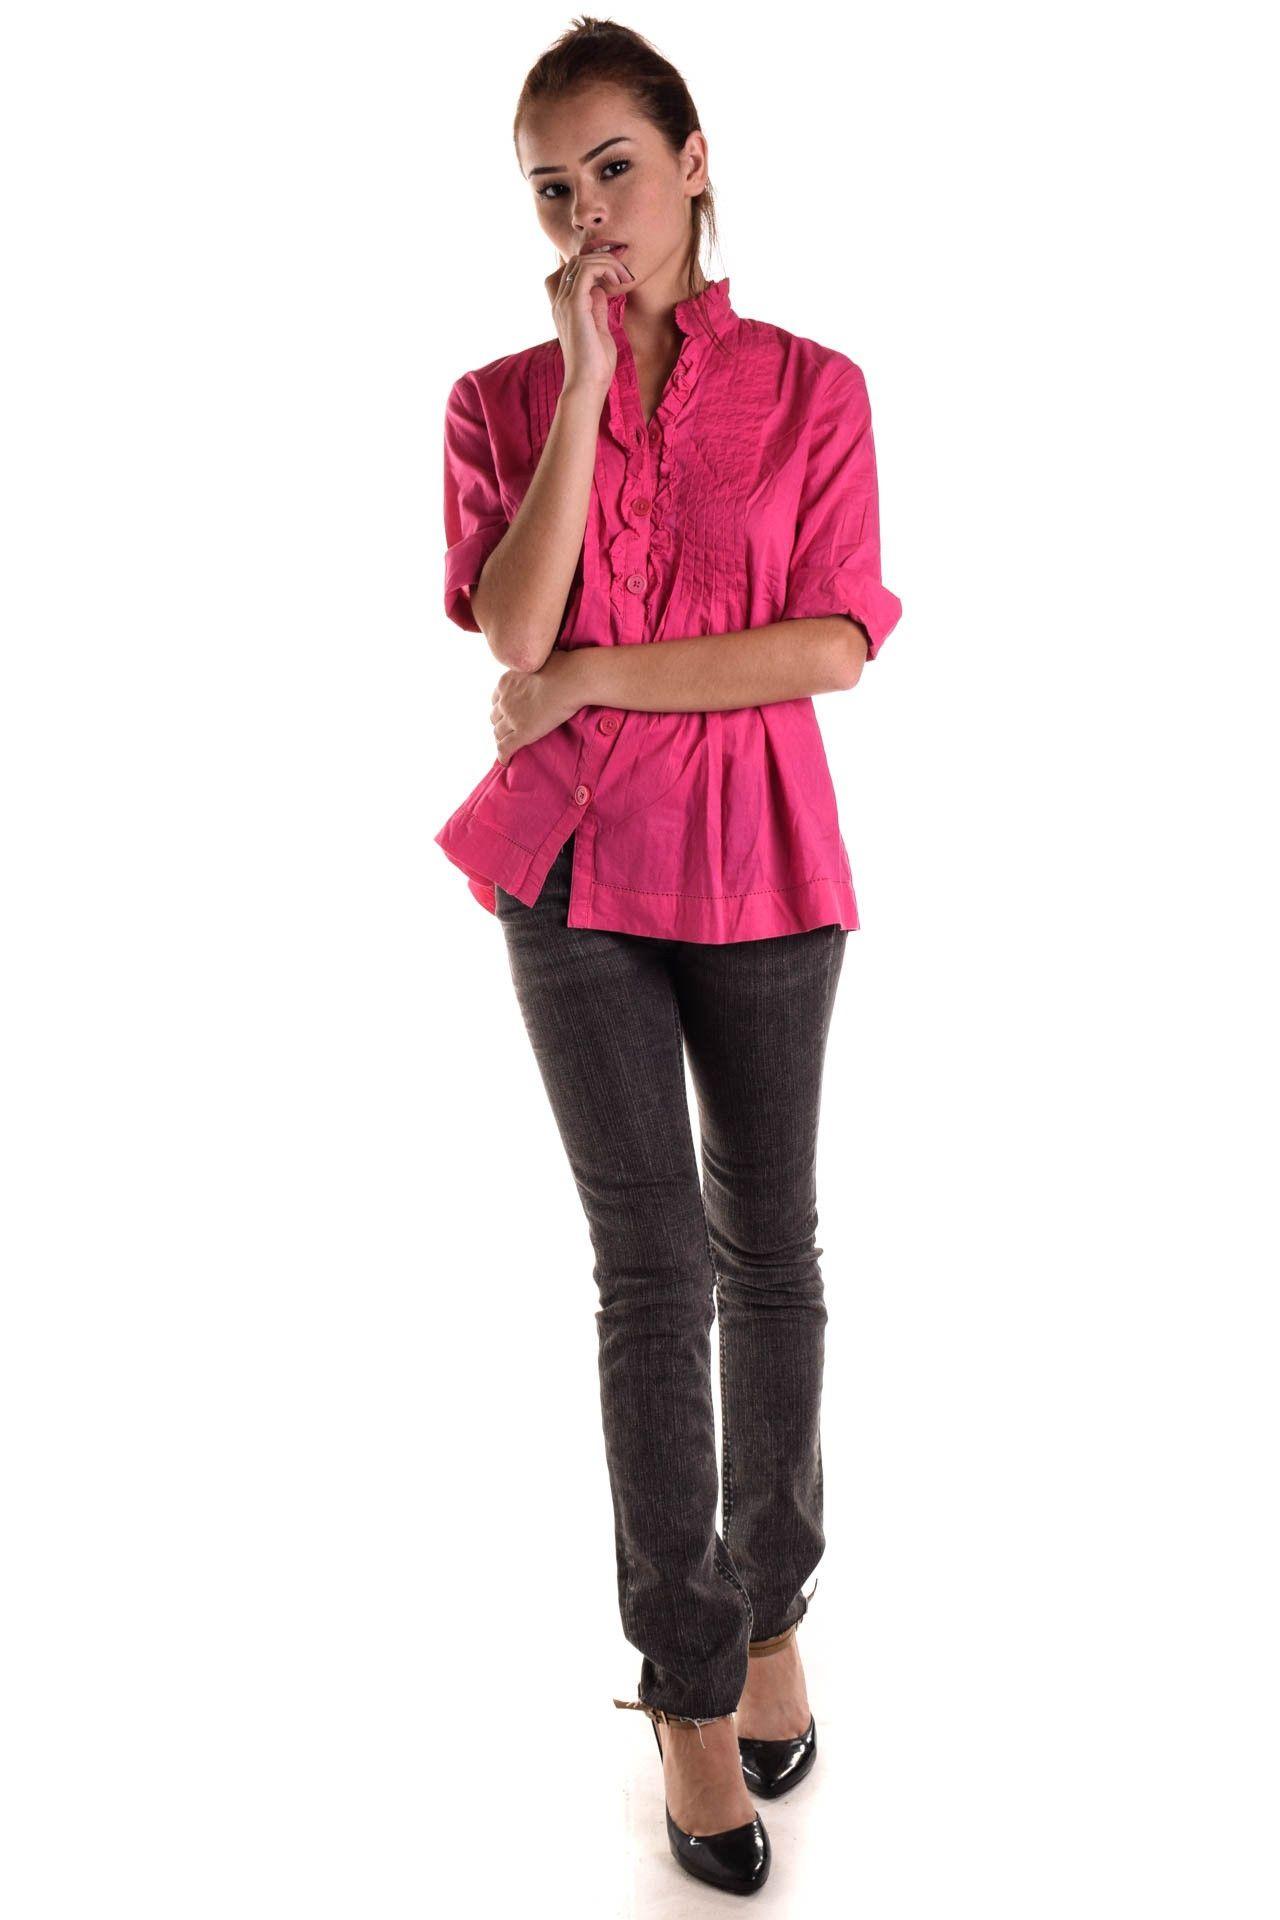 Michael Kors - Camisa Rosa Drapeada - Foto 3